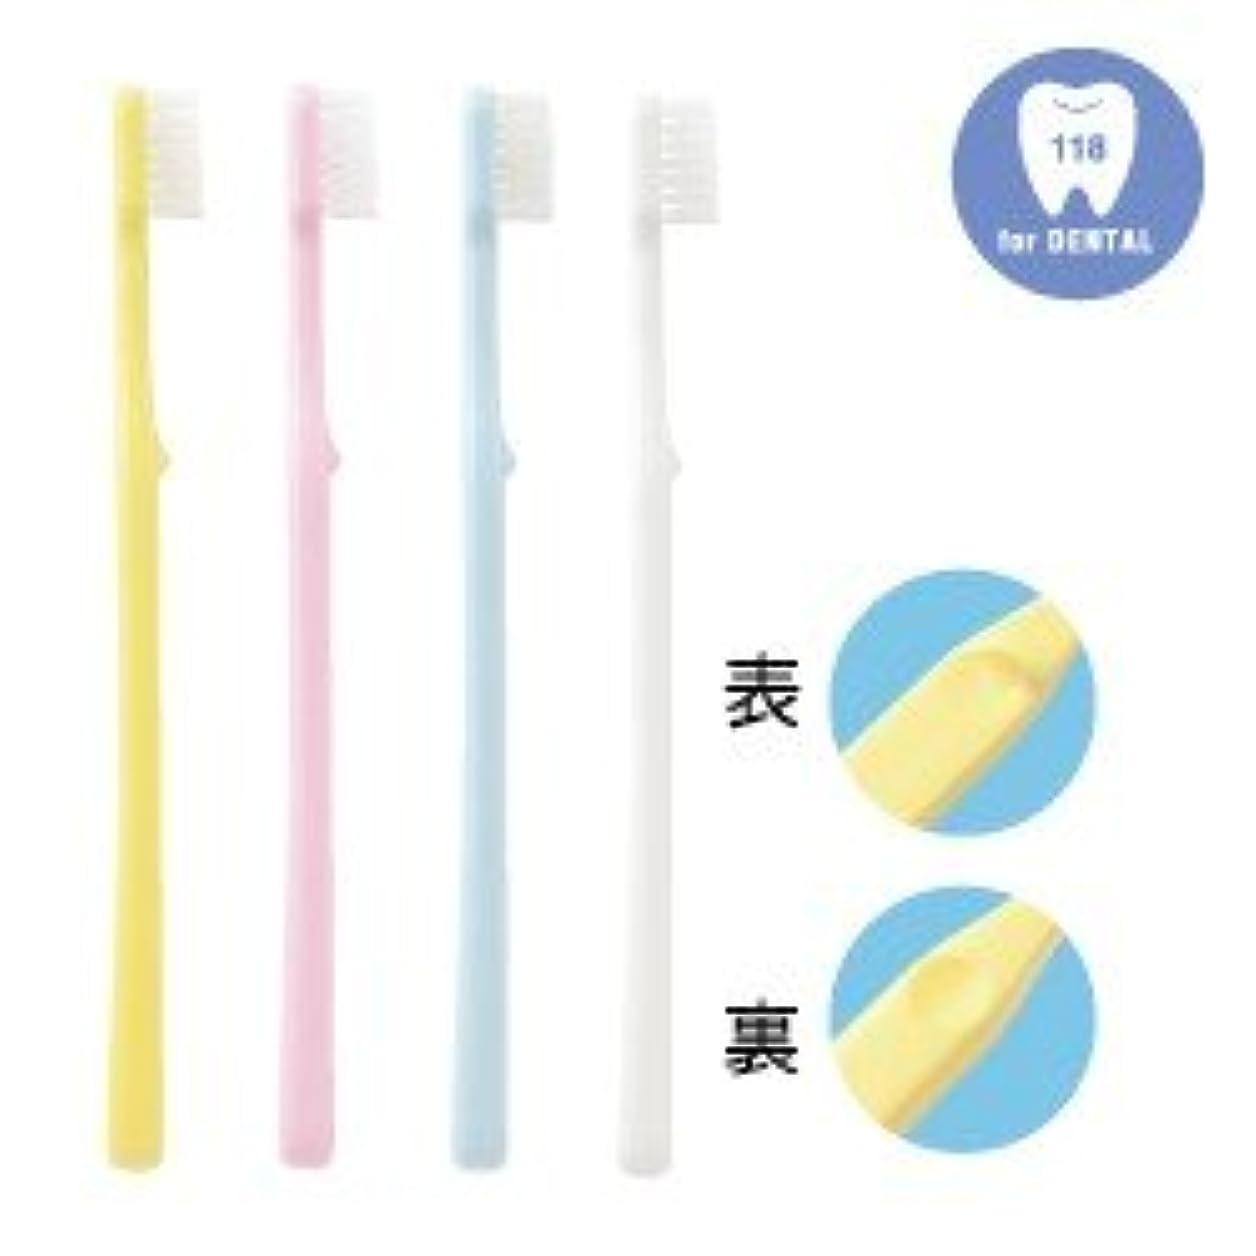 円周熱心猛烈な歯科専用歯ブラシ フォーカス 子供用 118シリーズ M(ふつう) 20本